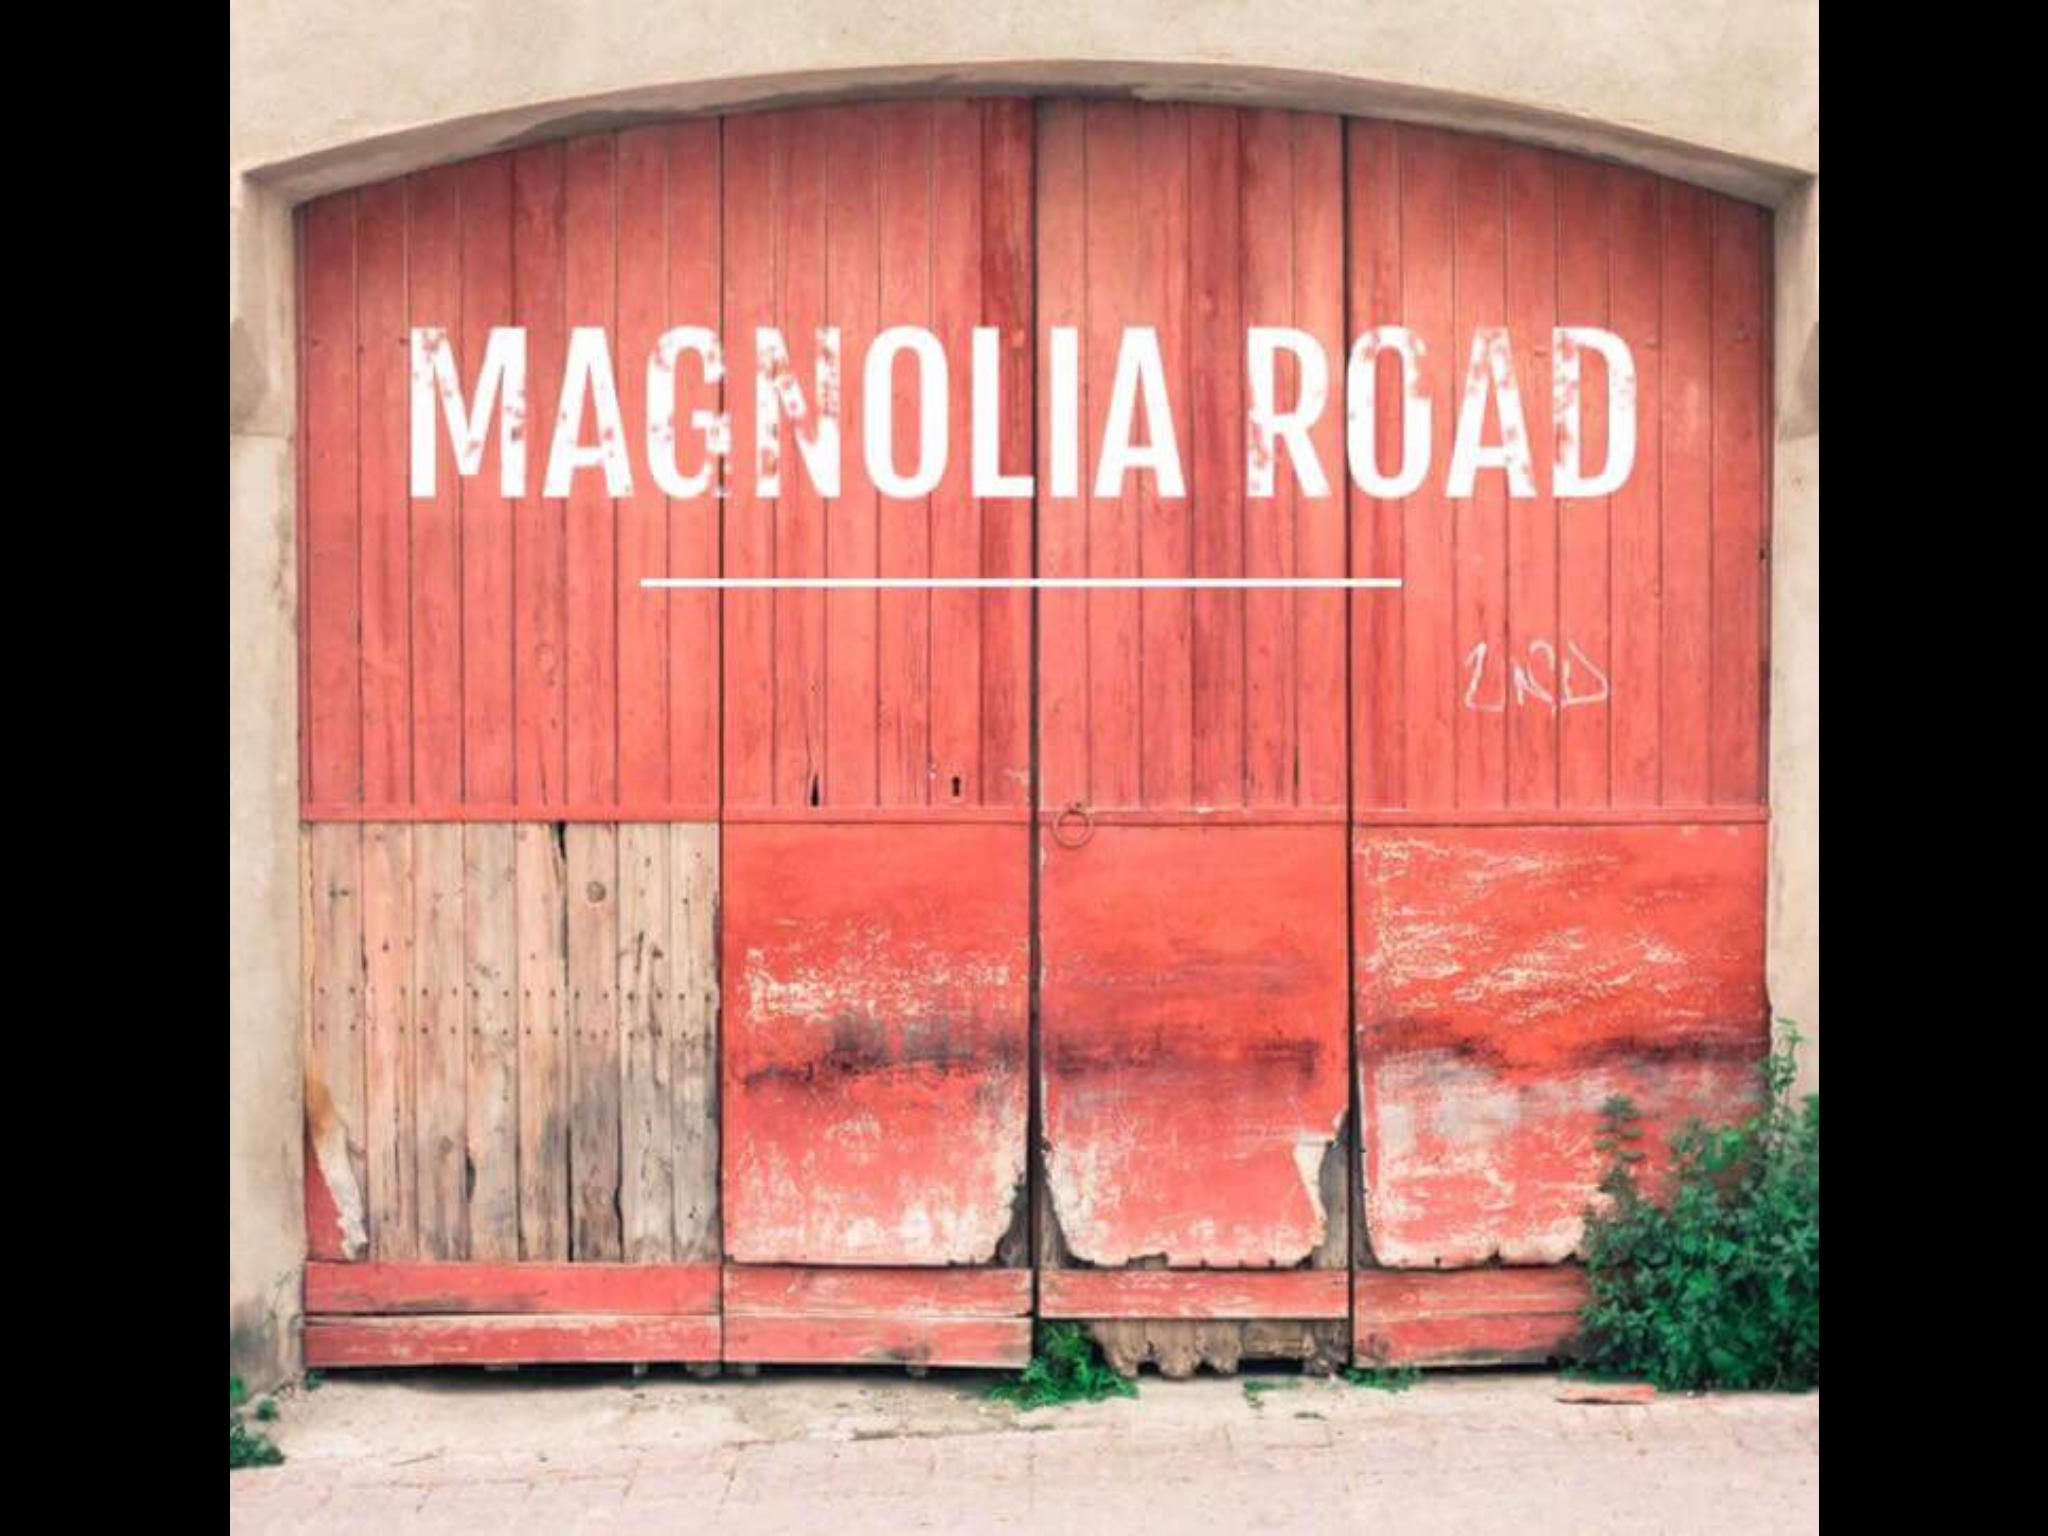 Magnolia Road picture